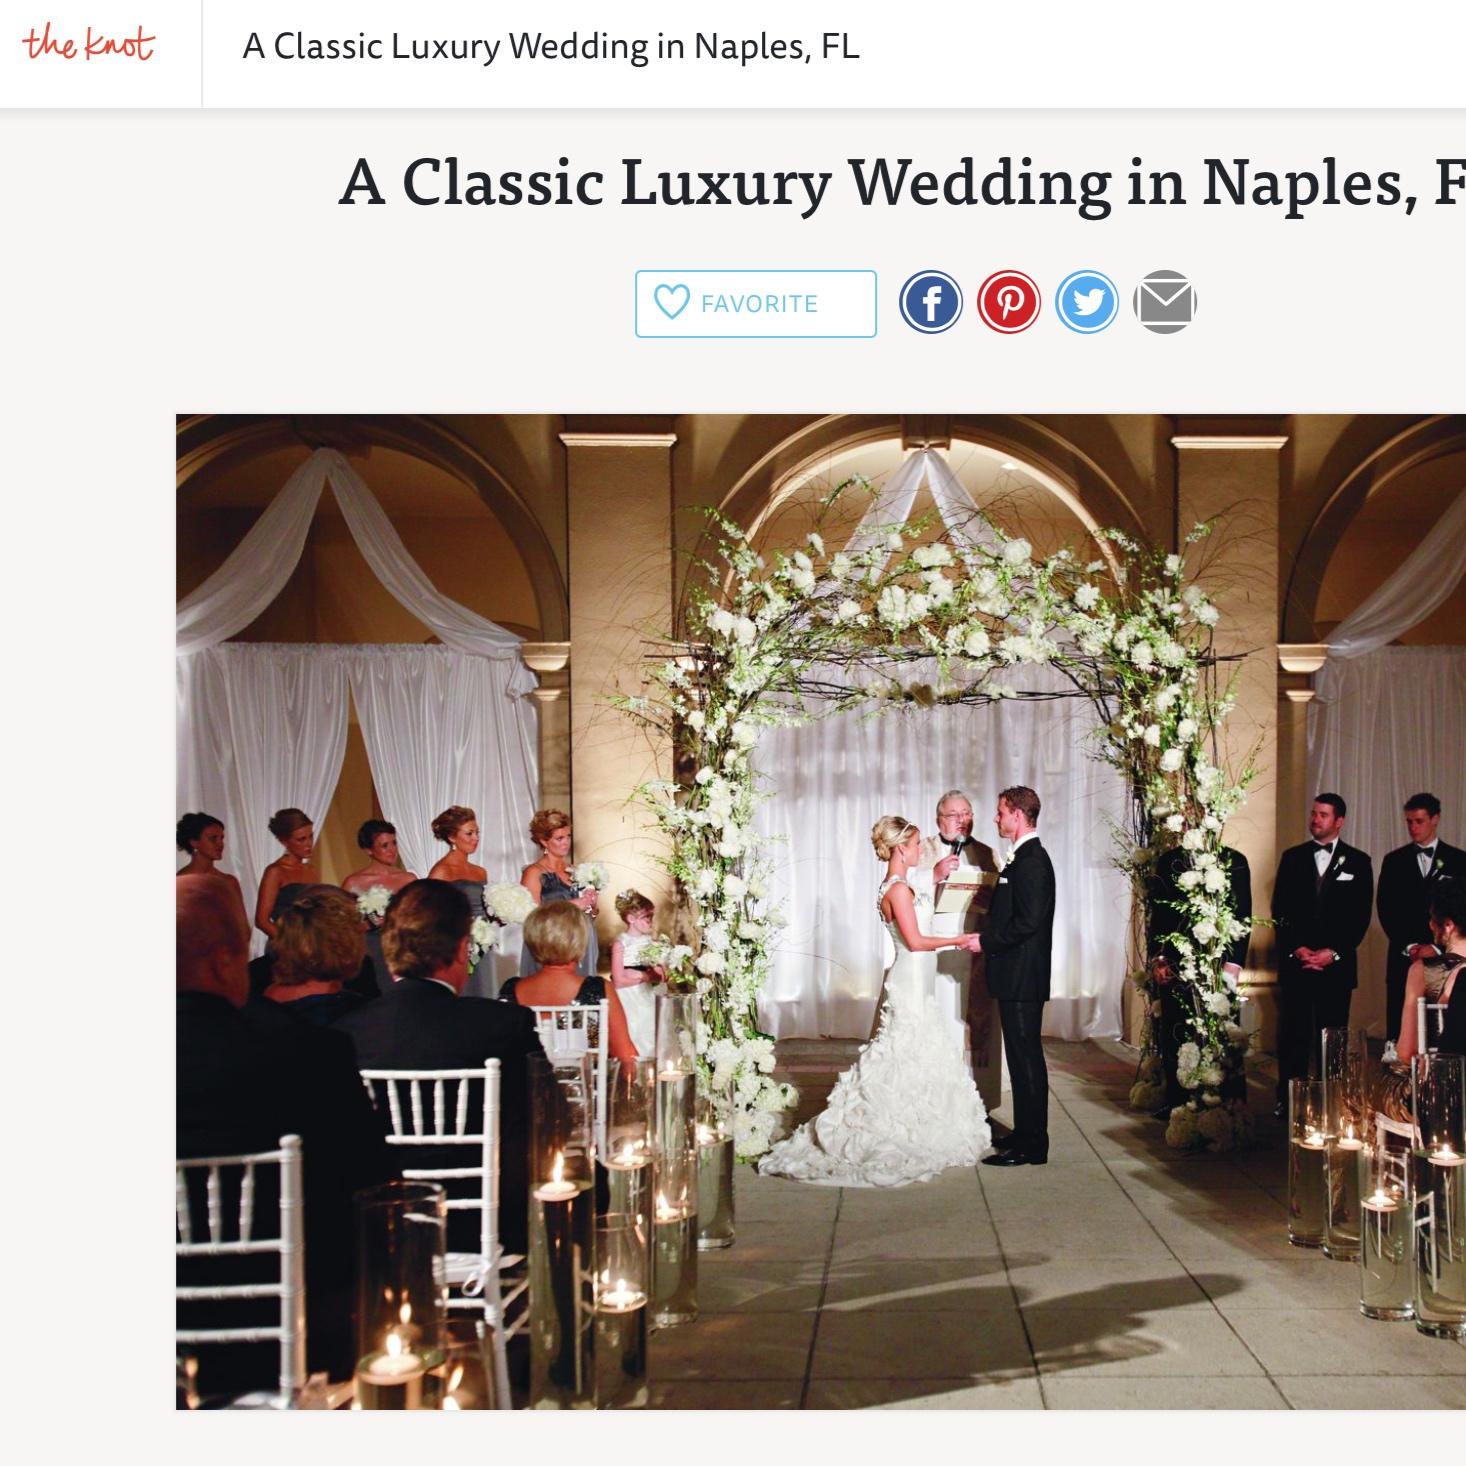 Luxurious Winter Wedding in Naples, FL